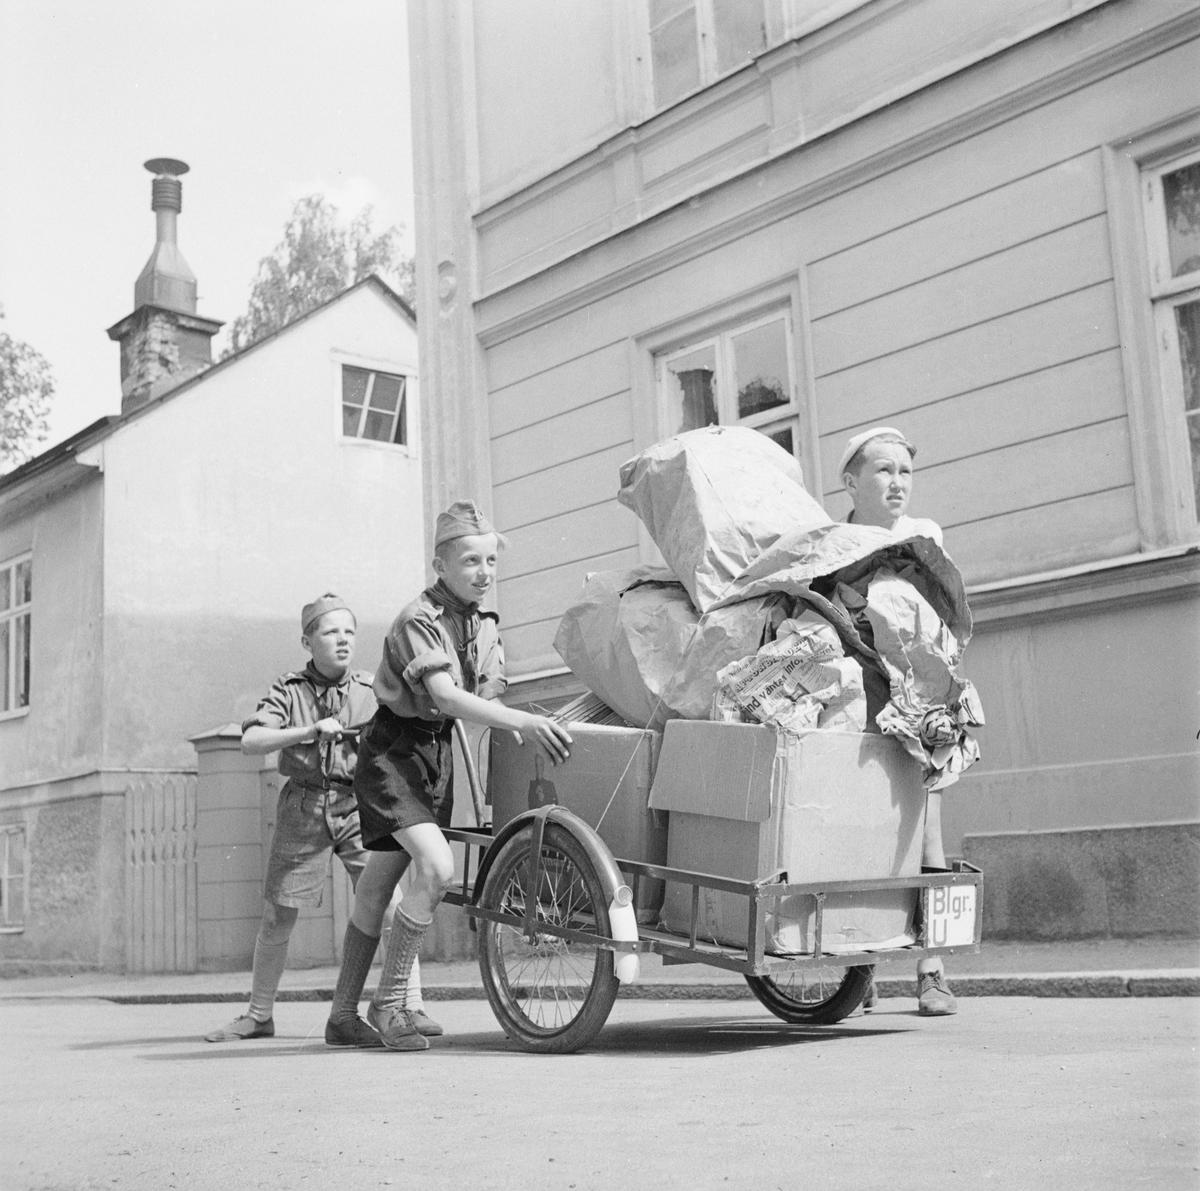 Pappersinsamling, Uppsala, maj 1947